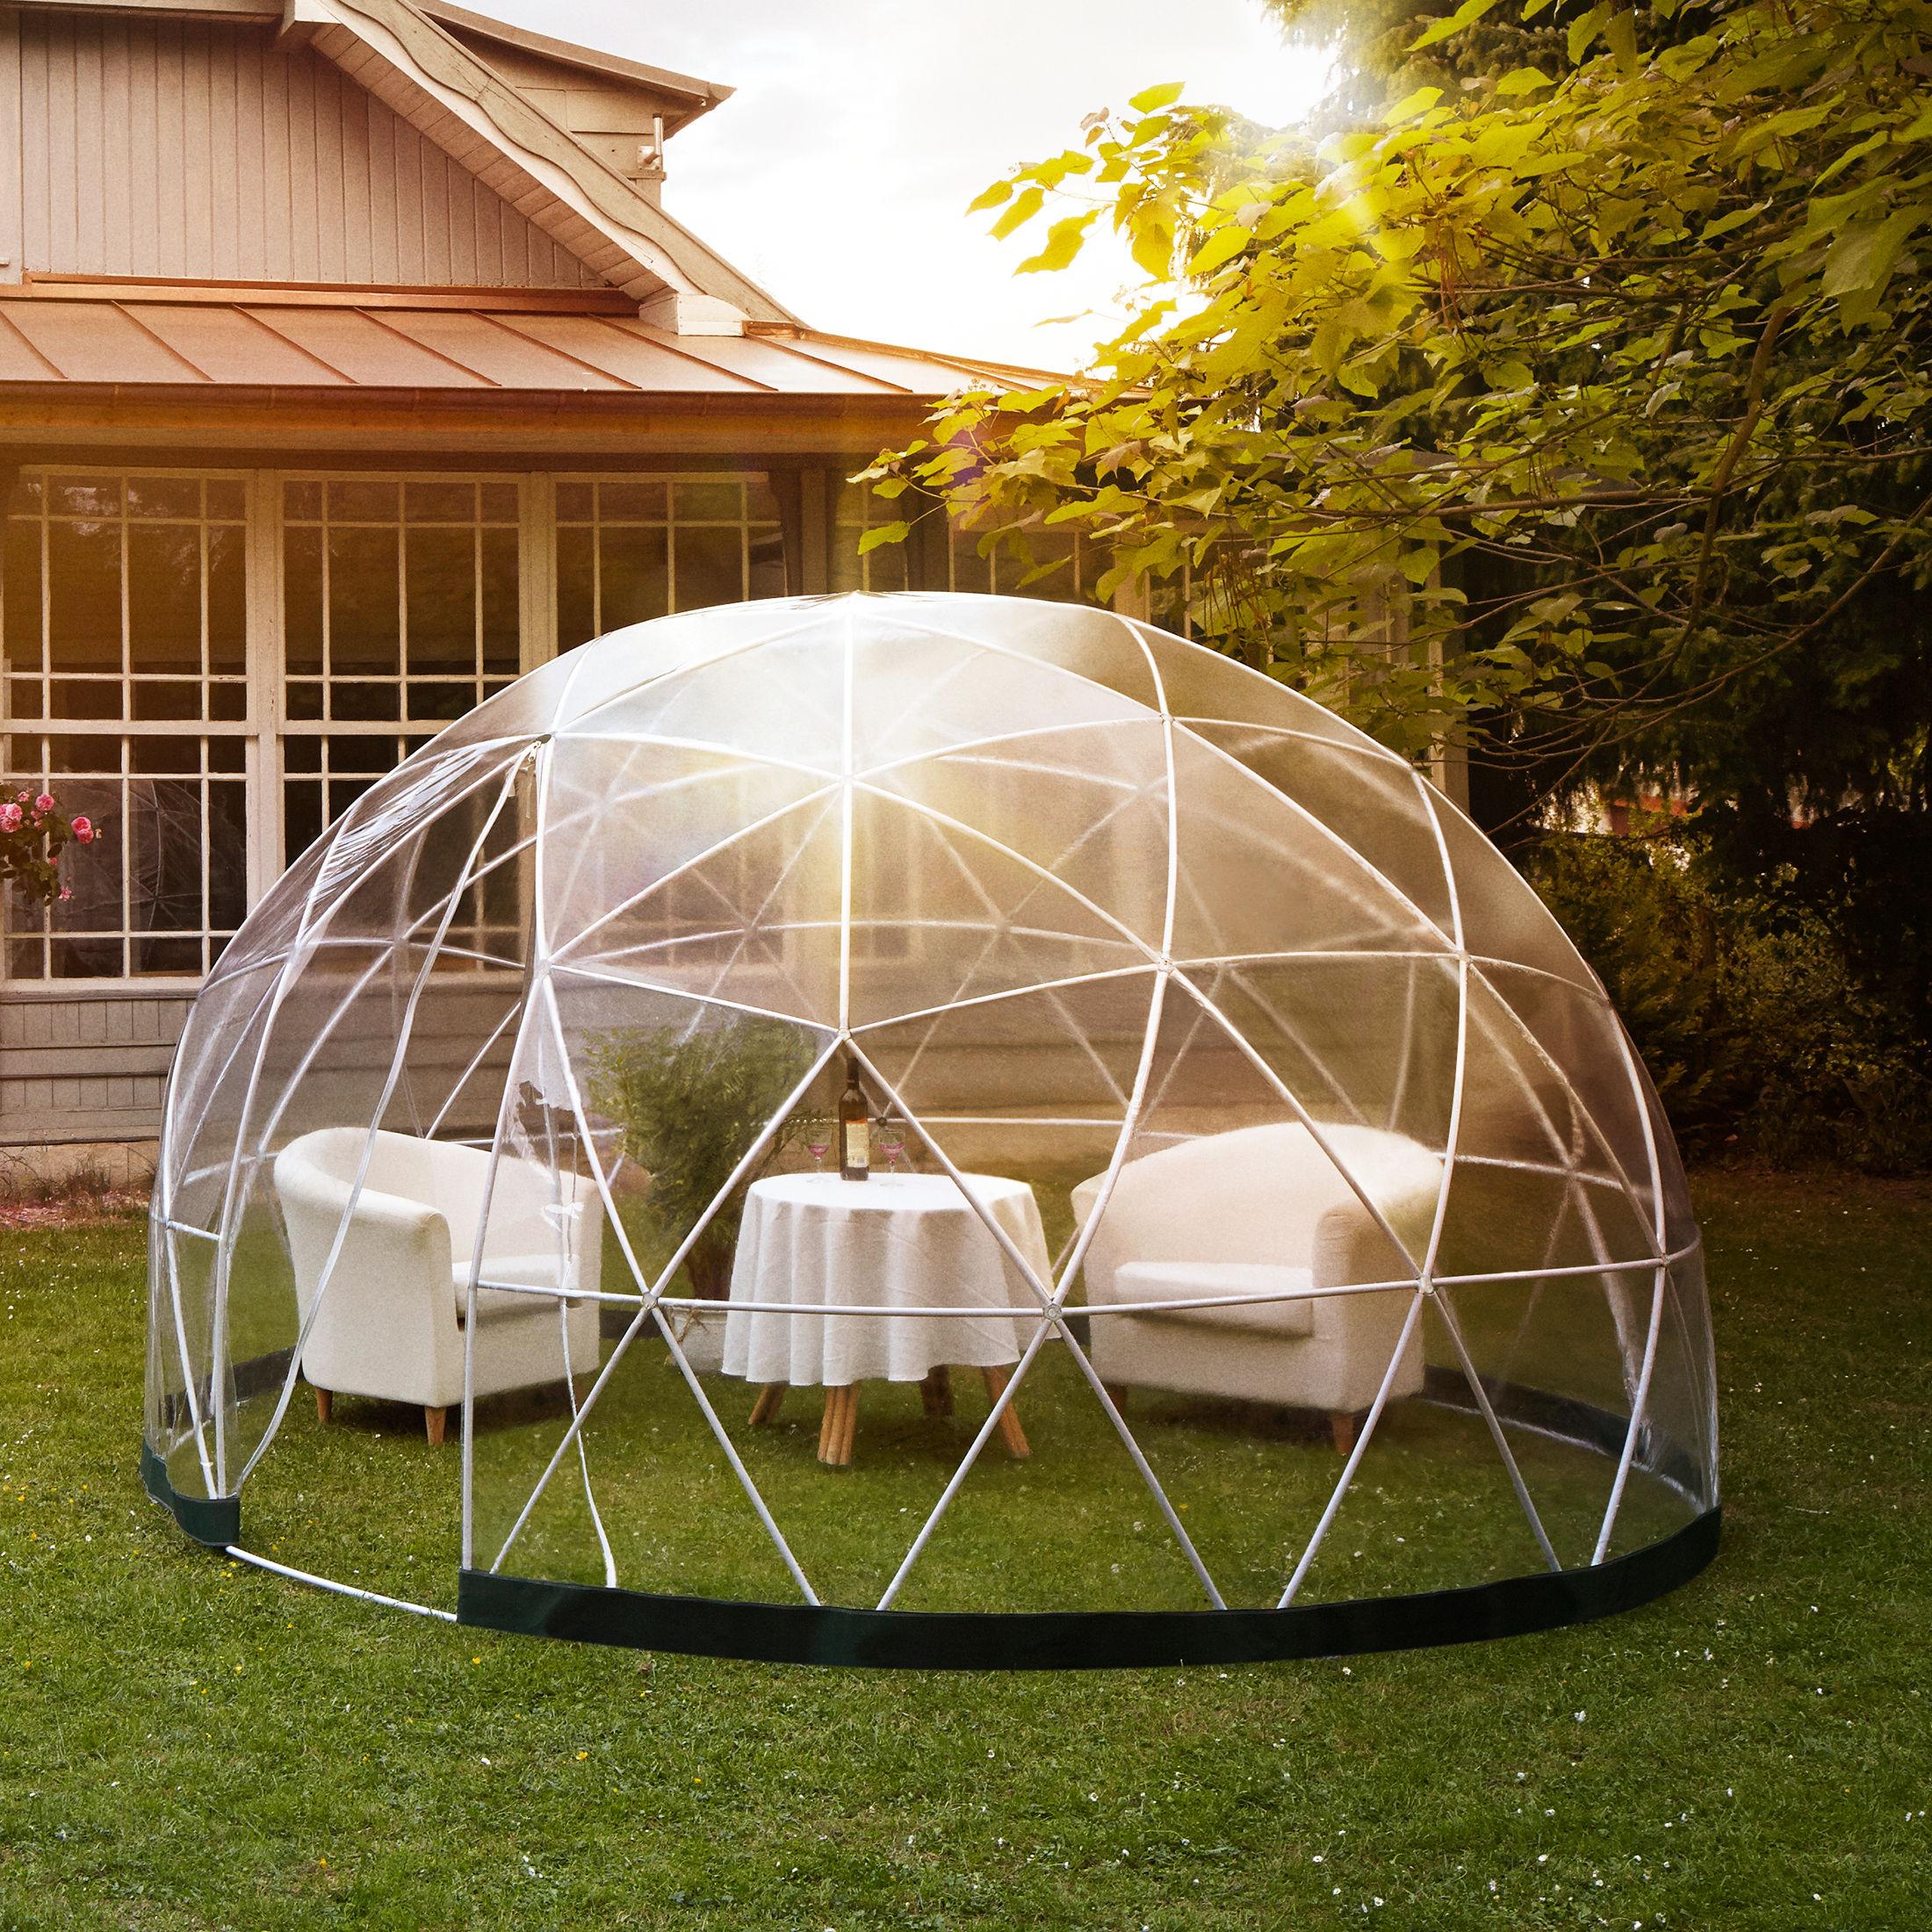 garten iglu pavillon gew chshaus garden igloo four